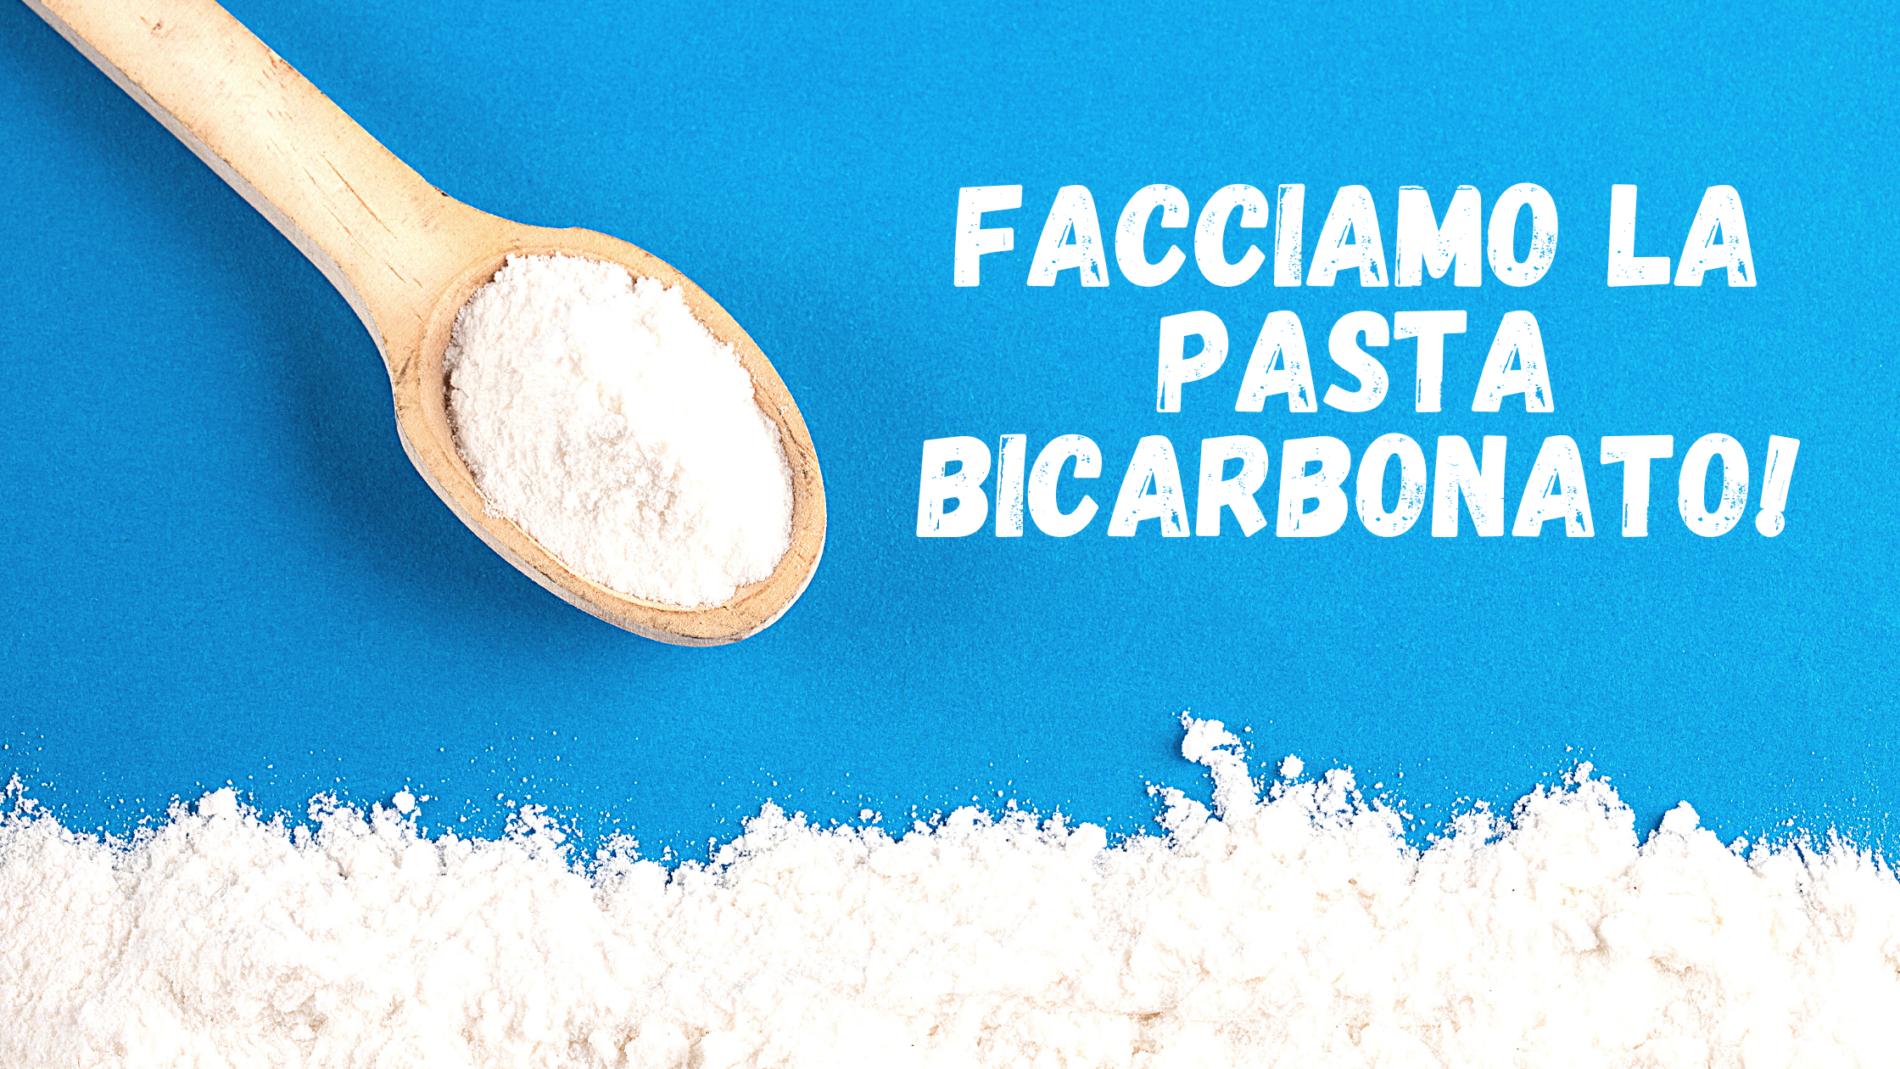 pasta bicarbonato